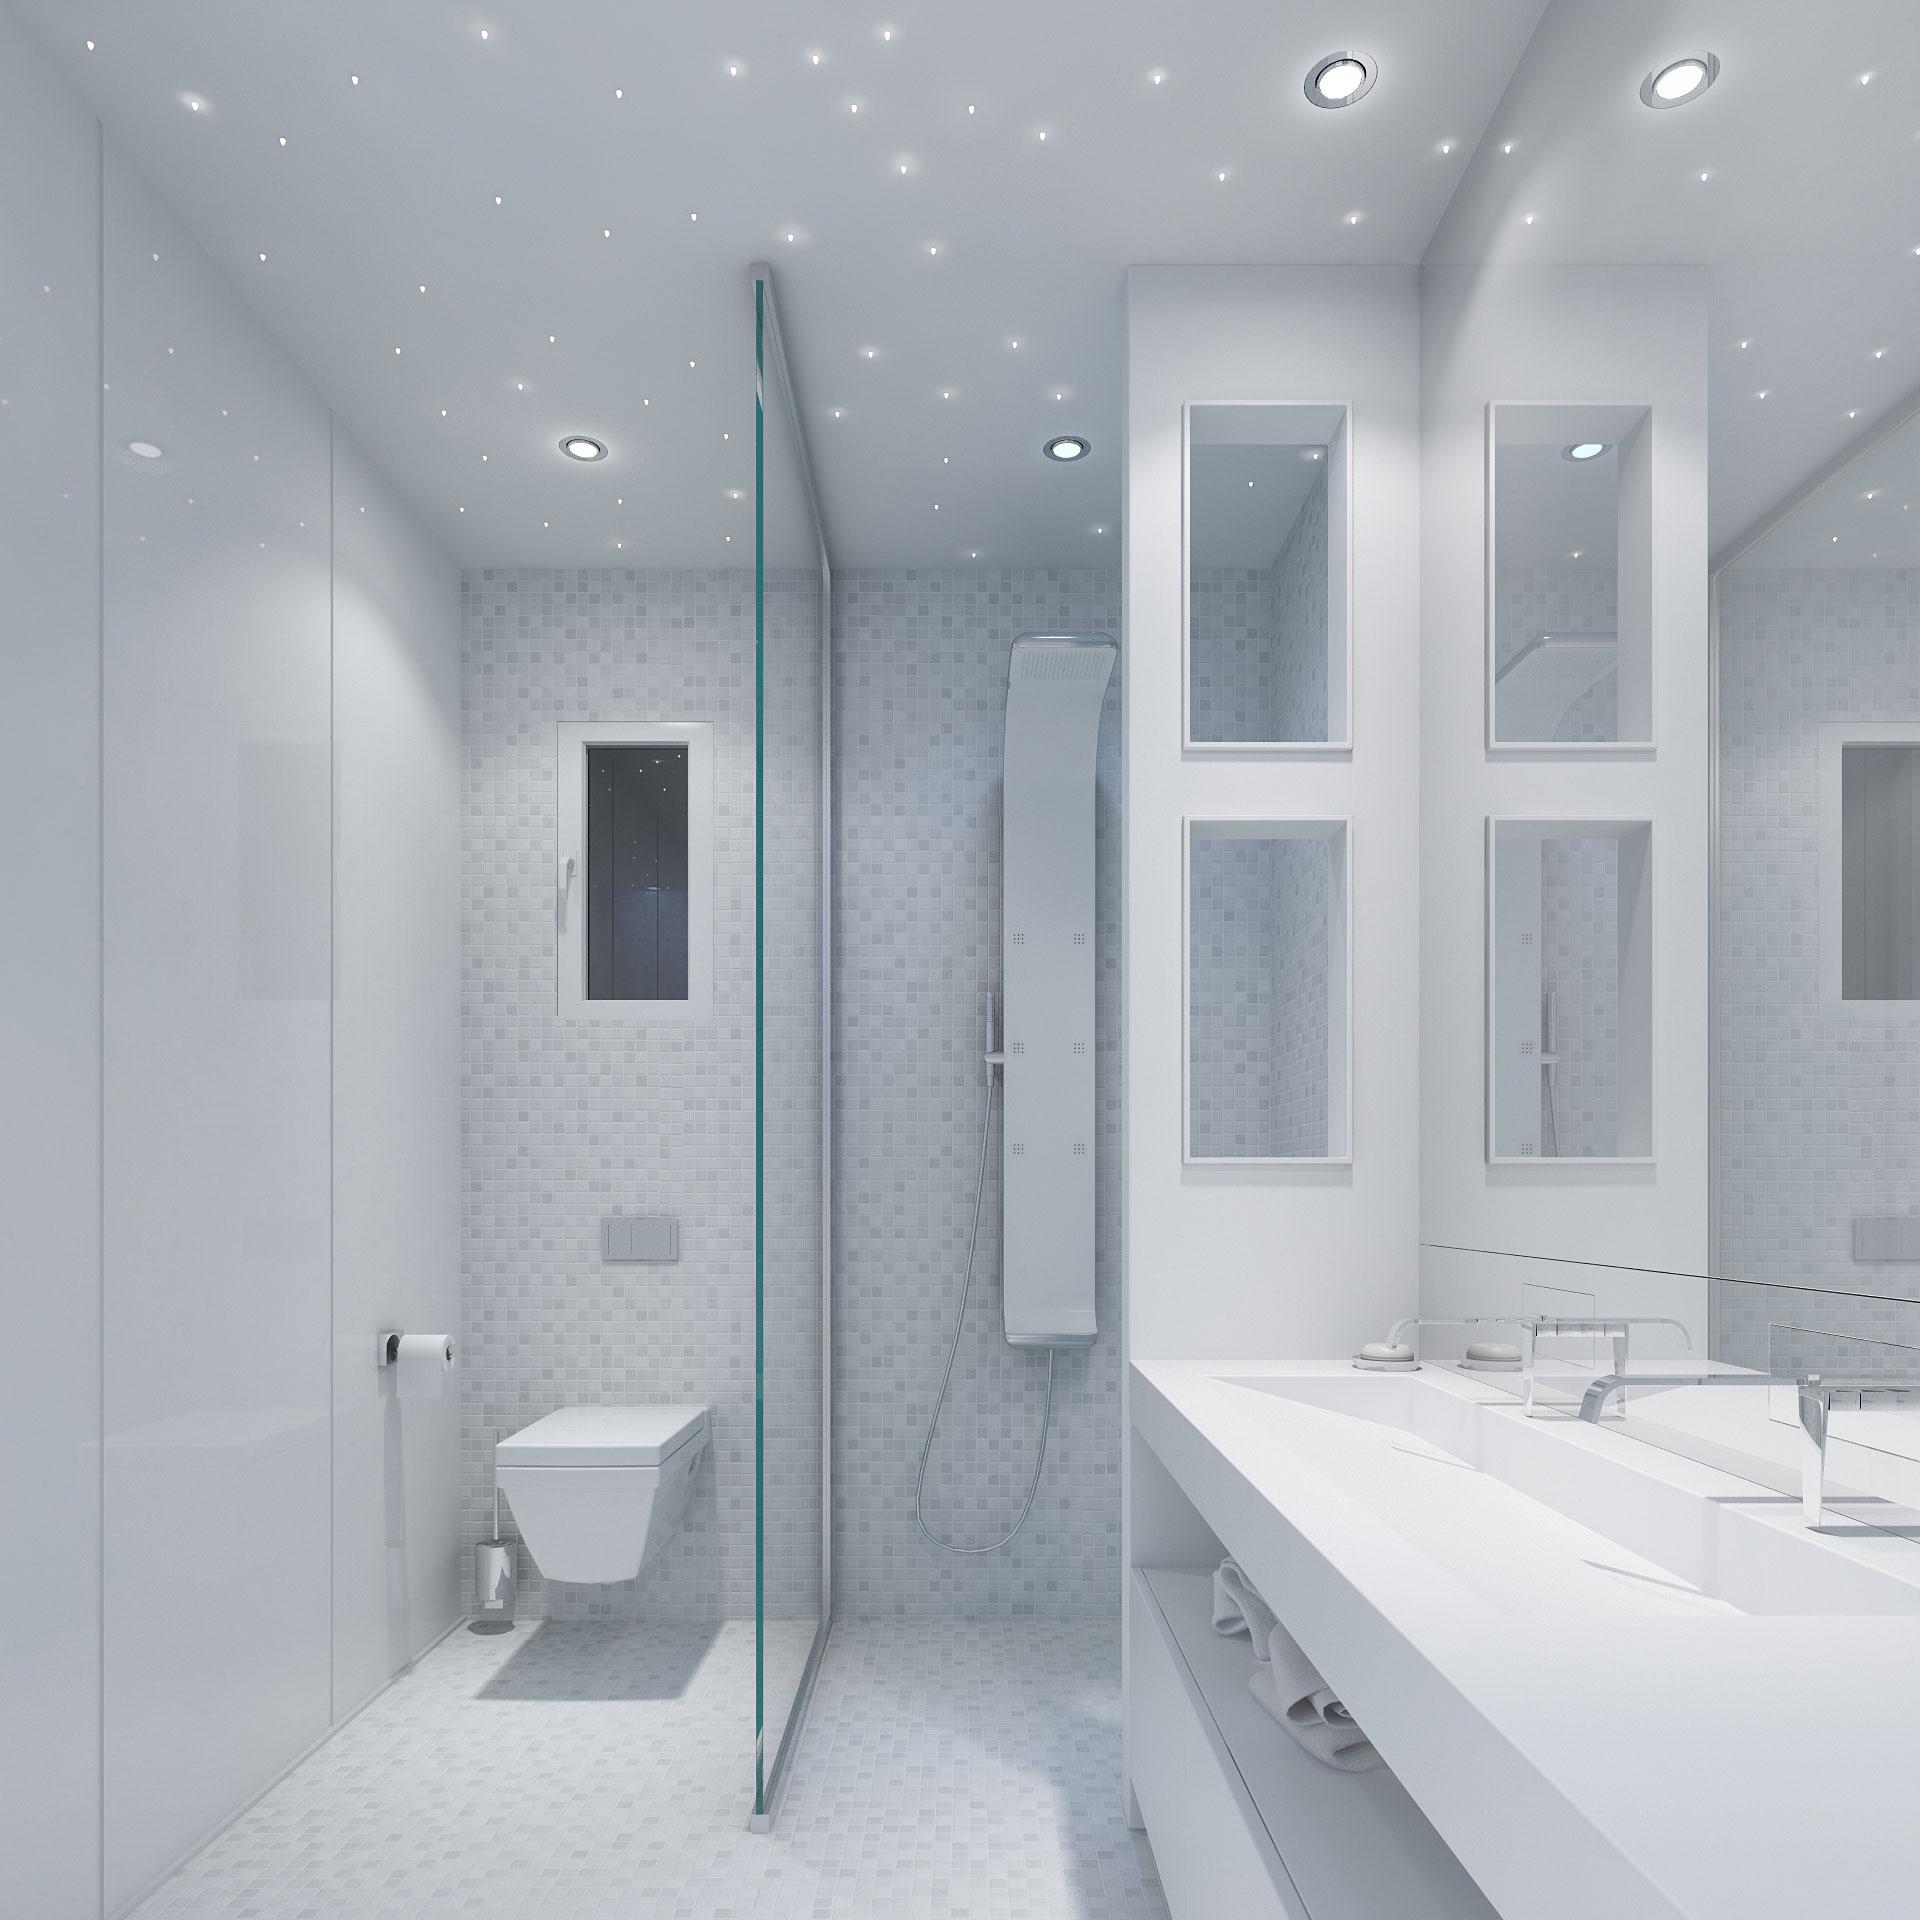 salle bain design, salle de bain blanche, white bathroom, verre laqué blanc, plafond etoilé, plan vasque corian, corian,